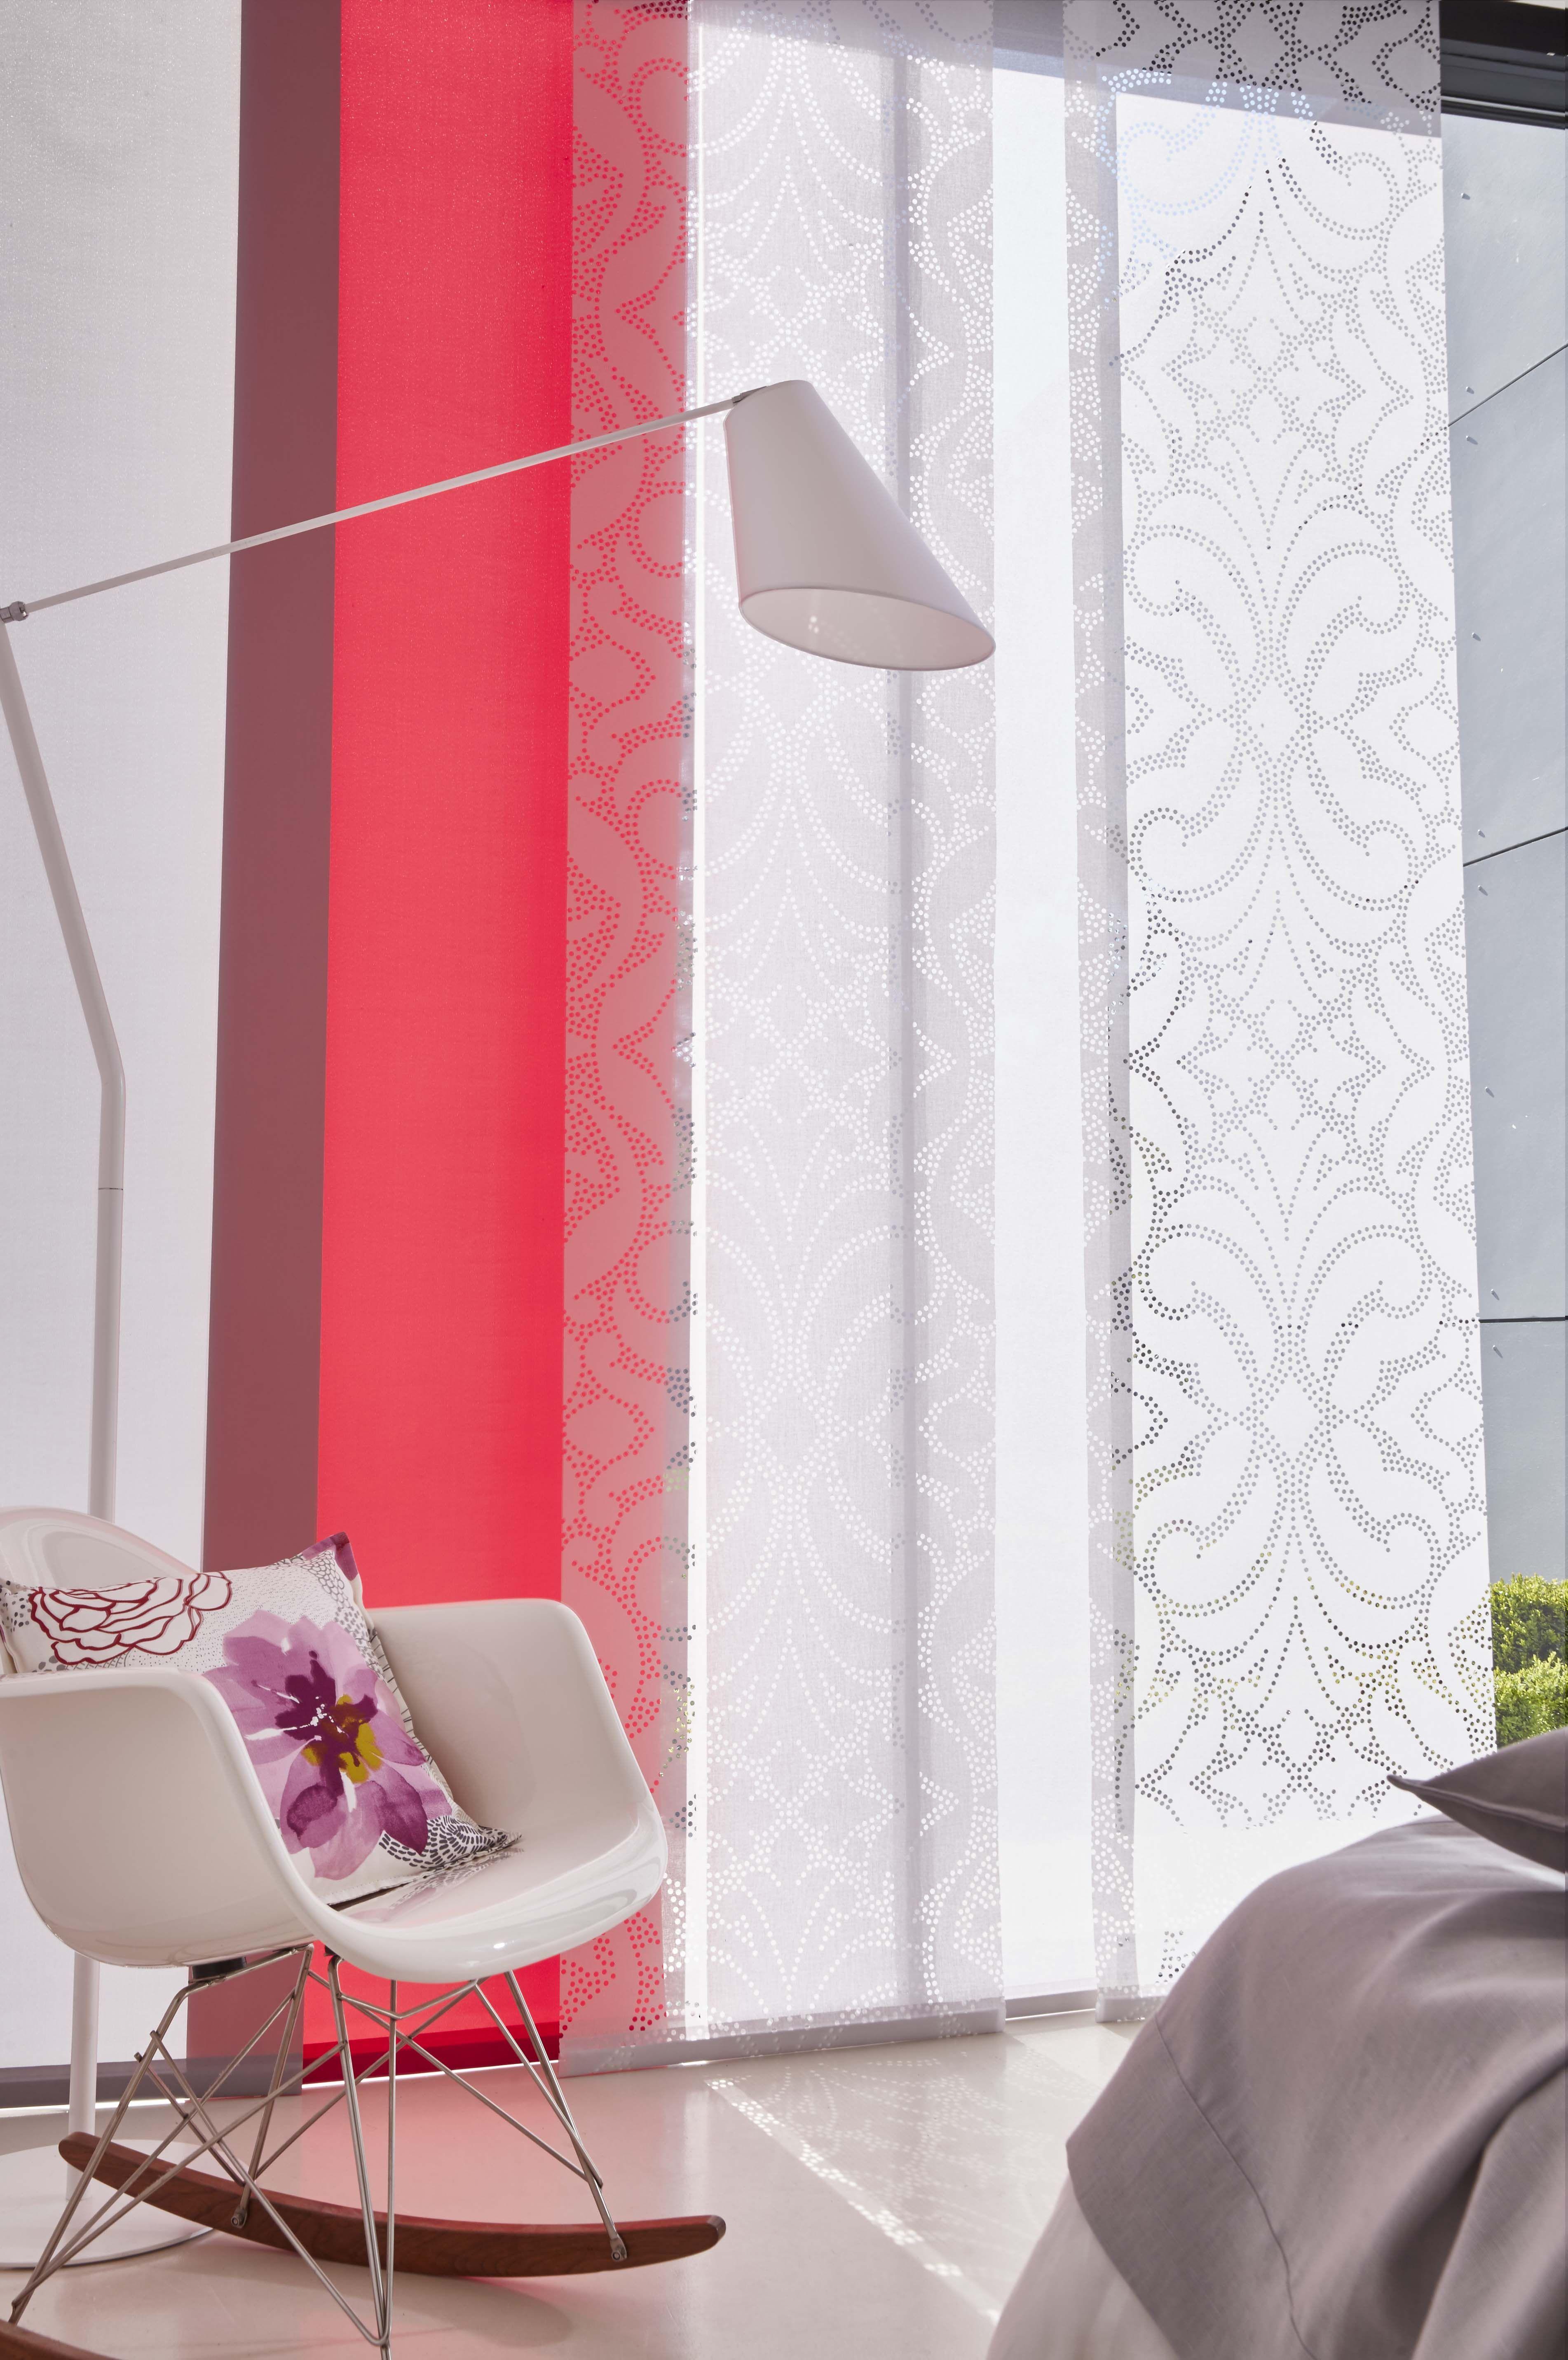 chez vous ambiance panneaux japonais flora et tissu. Black Bedroom Furniture Sets. Home Design Ideas